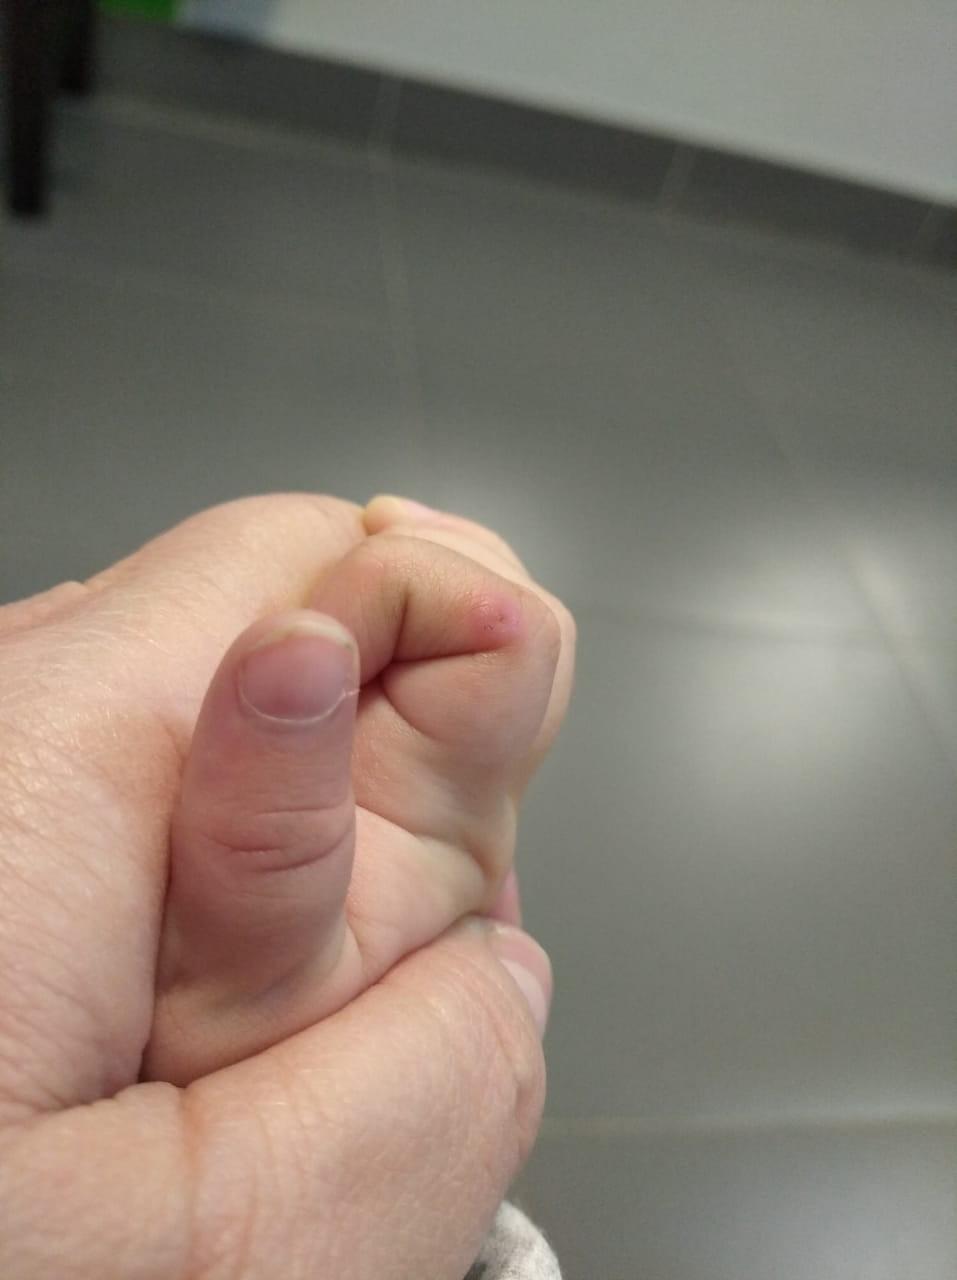 Панариций на пальце— симптомы, причины, лечение